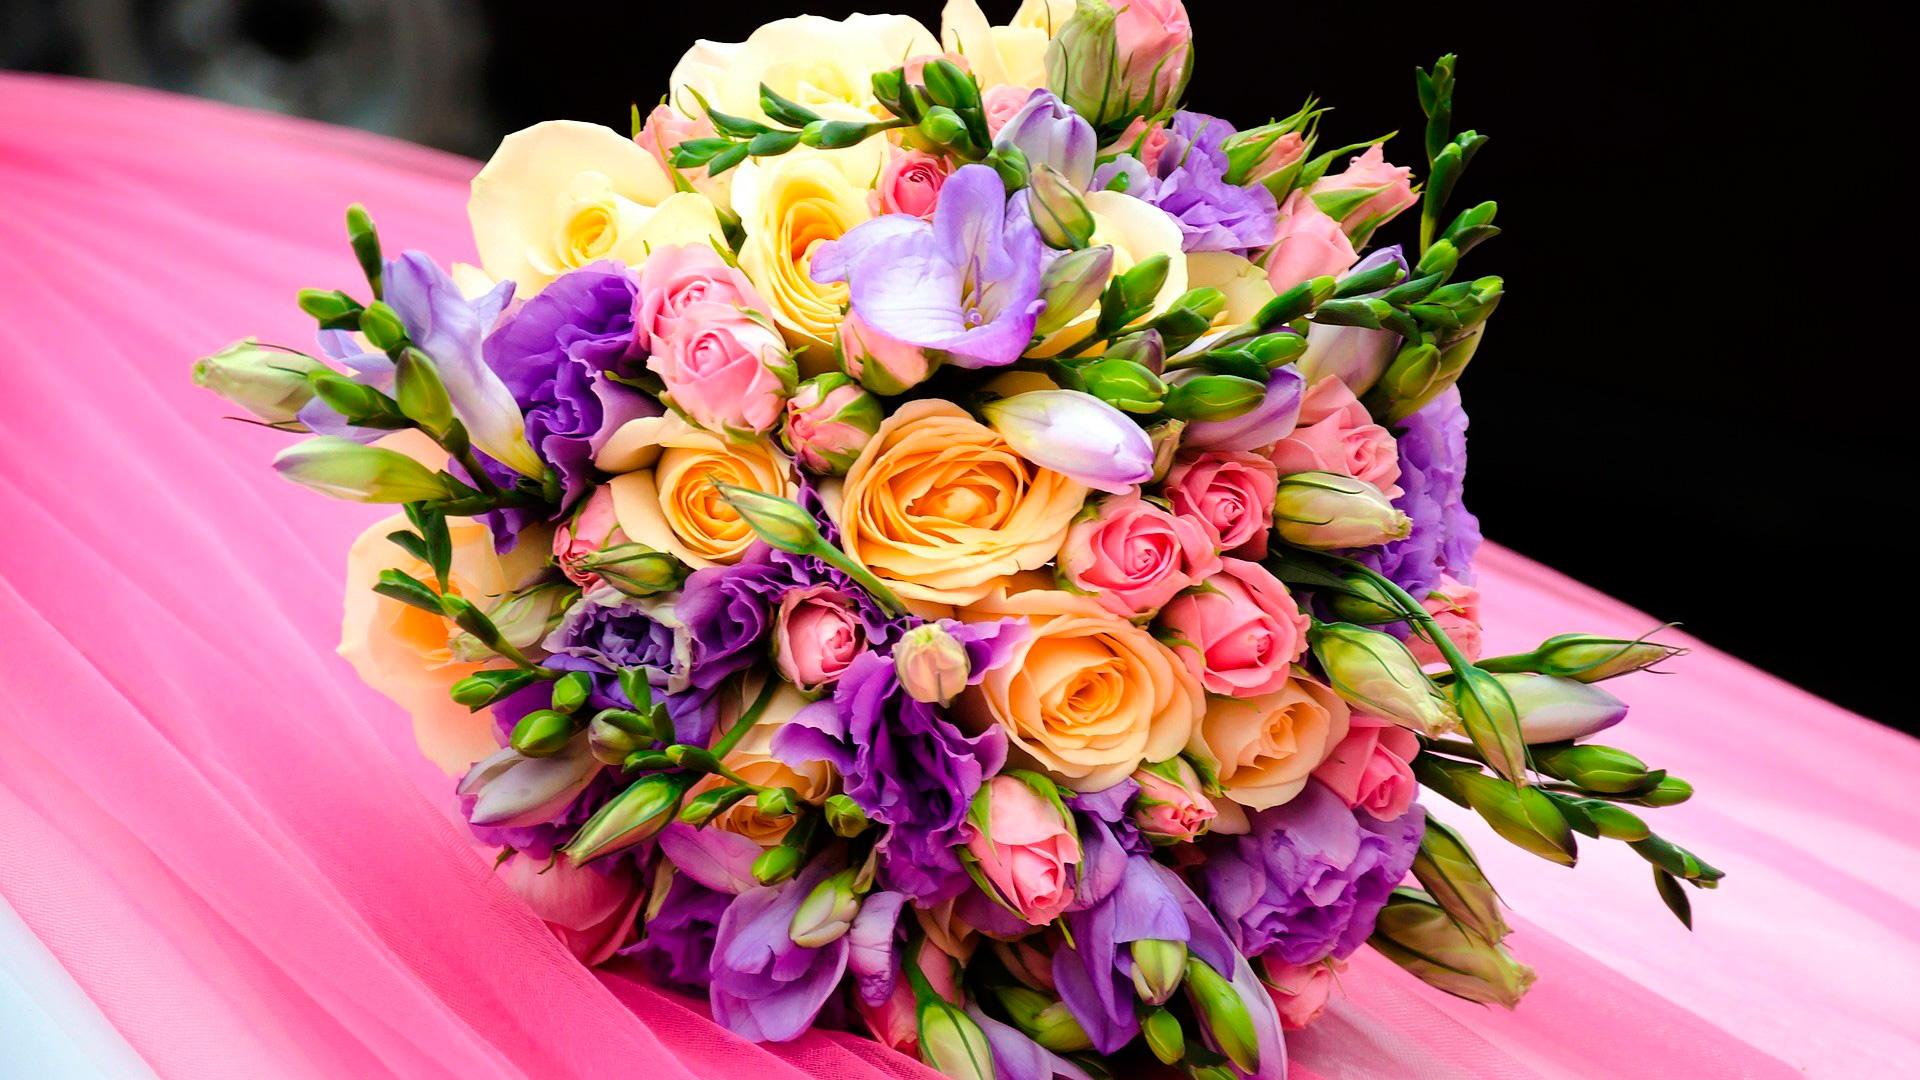 не ядовитые комнатные цветы фото с названиями и уход за ними